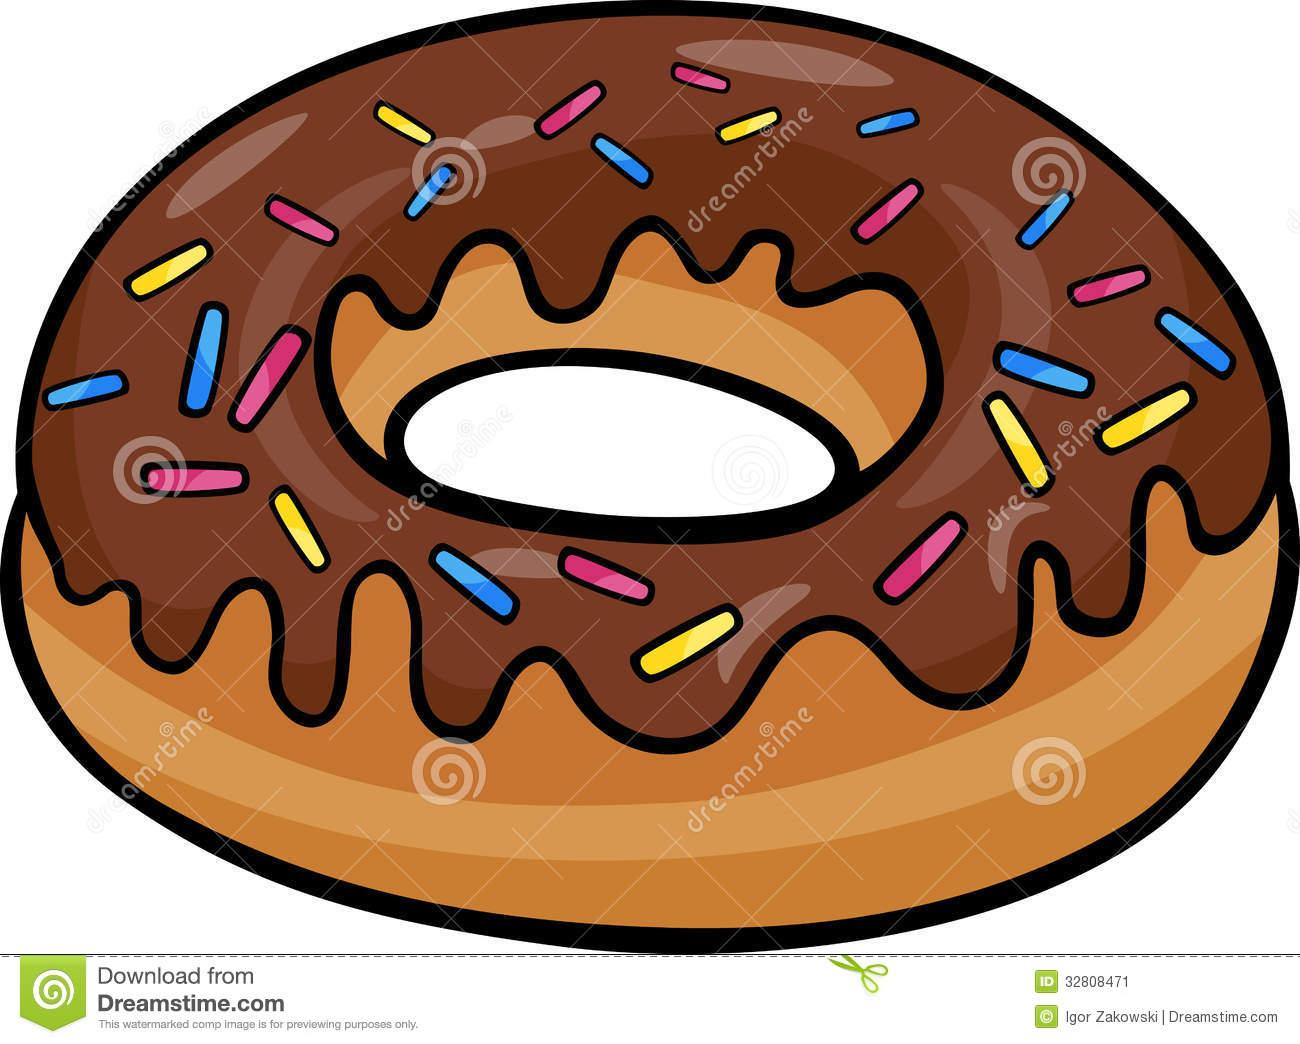 Donut Clip Art Cartoon Illustration Stoc-Donut Clip Art Cartoon Illustration Stock Image Image 32808471-4